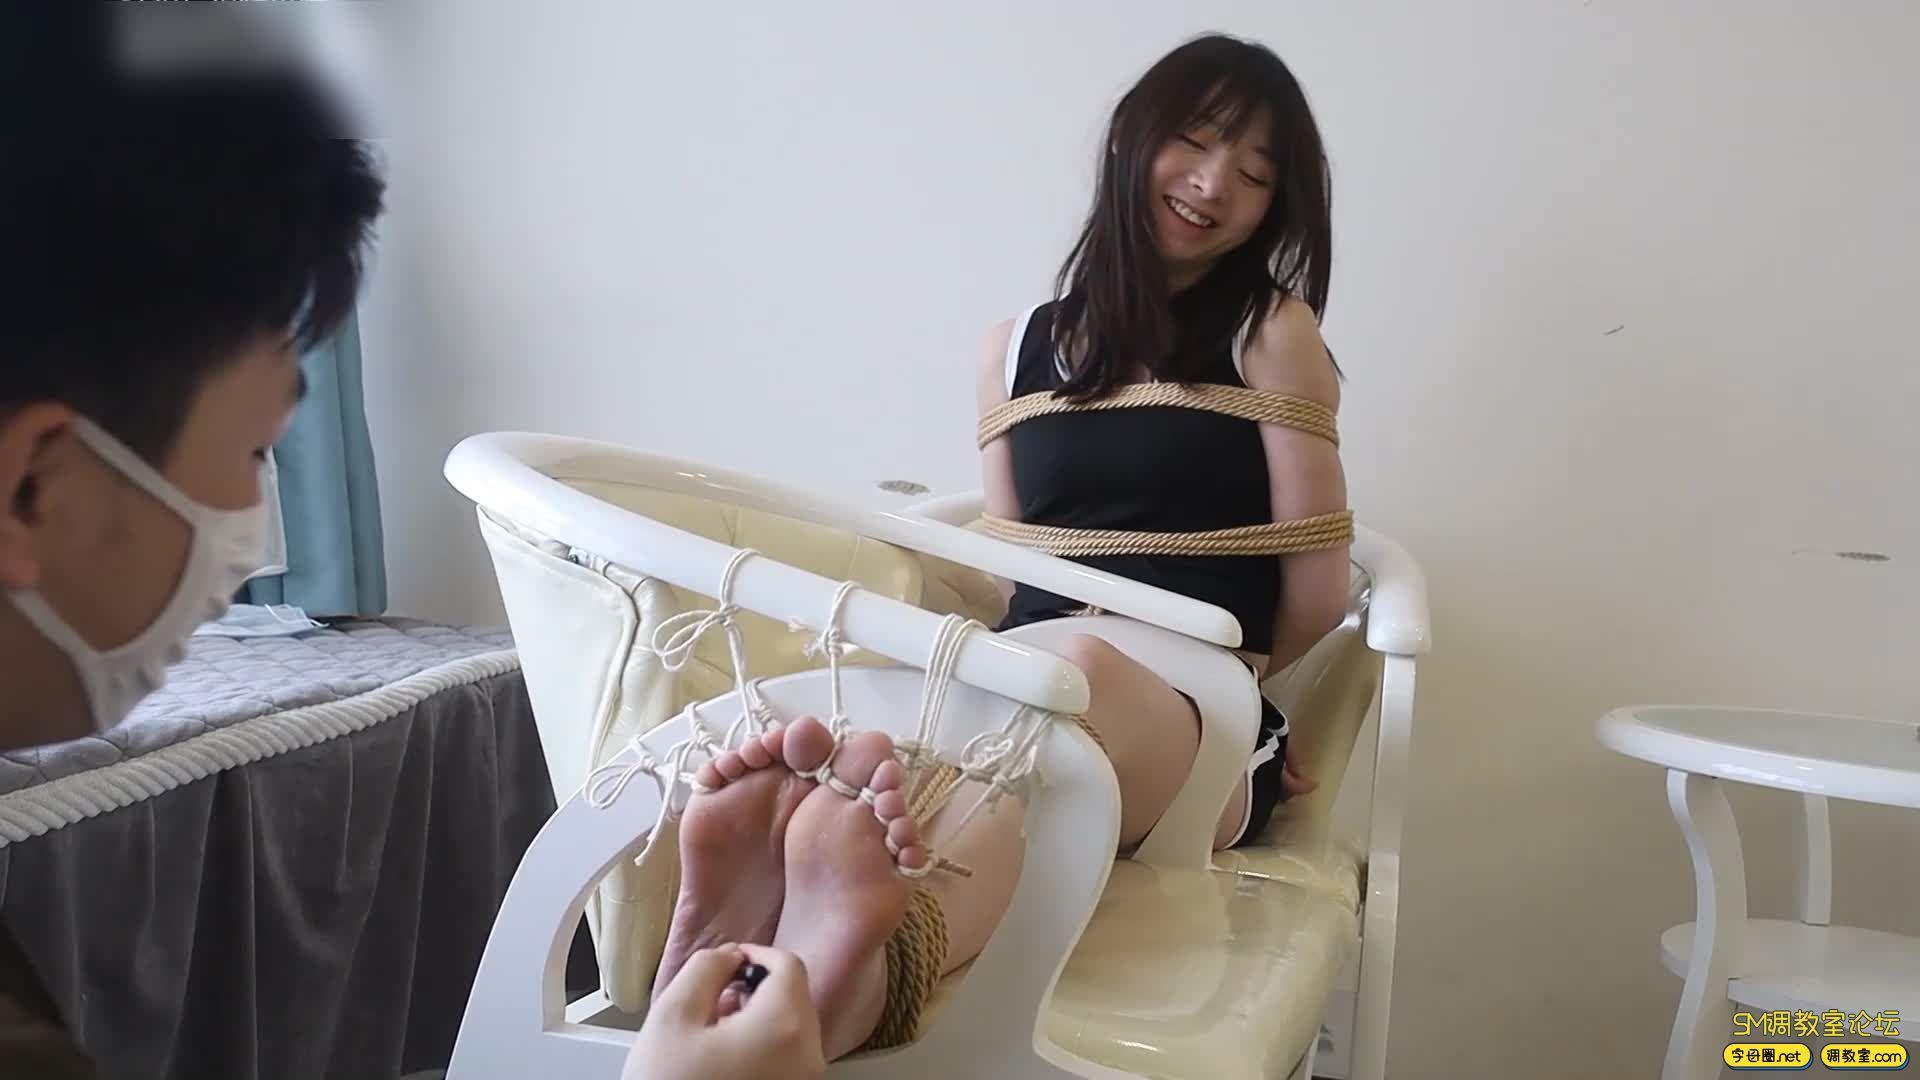 心悦艺束_筱筱的老虎凳TK,十个脚趾都紧紧被绑缚-视频截图5